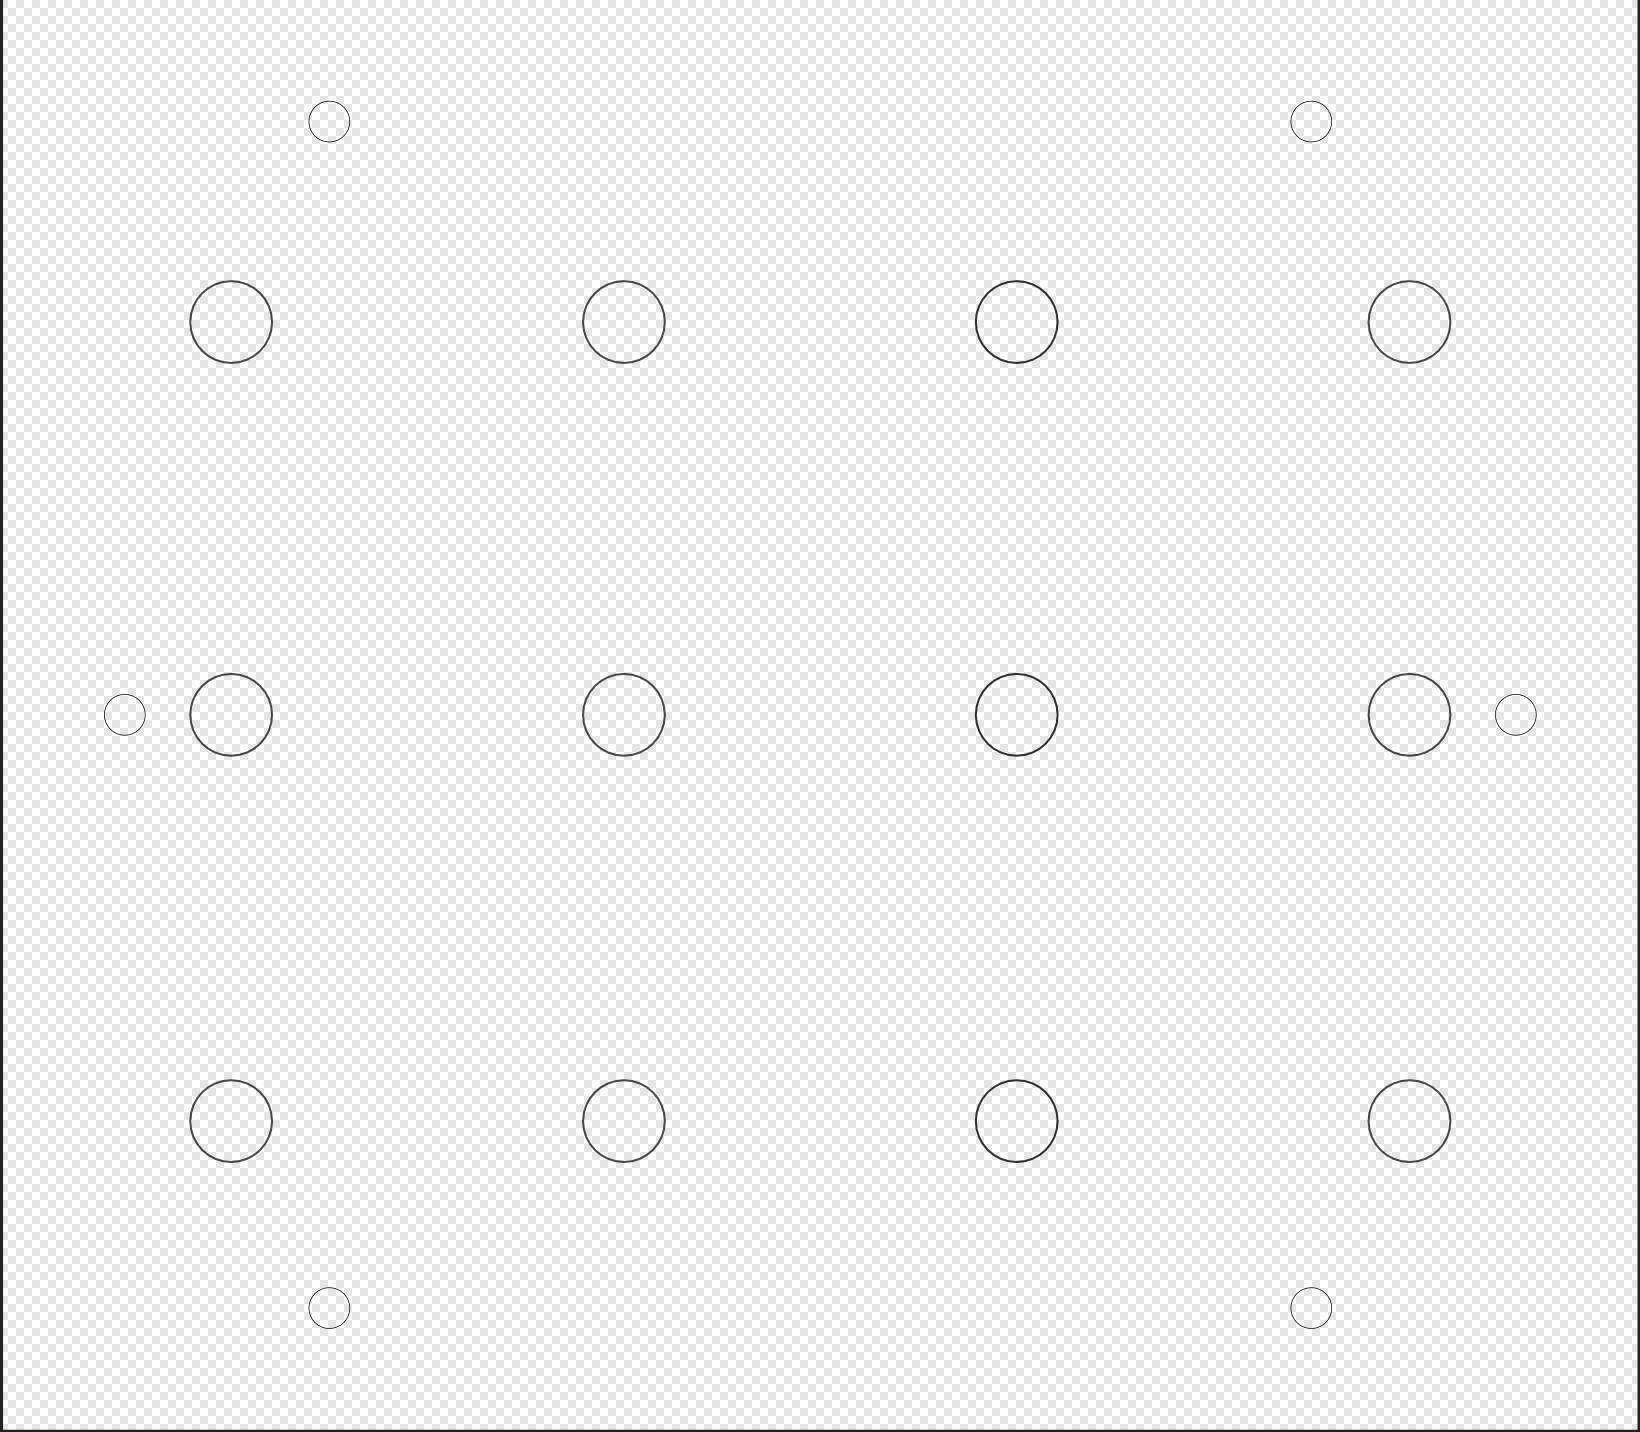 Screenshot 2021-02-25 at 13.28.58